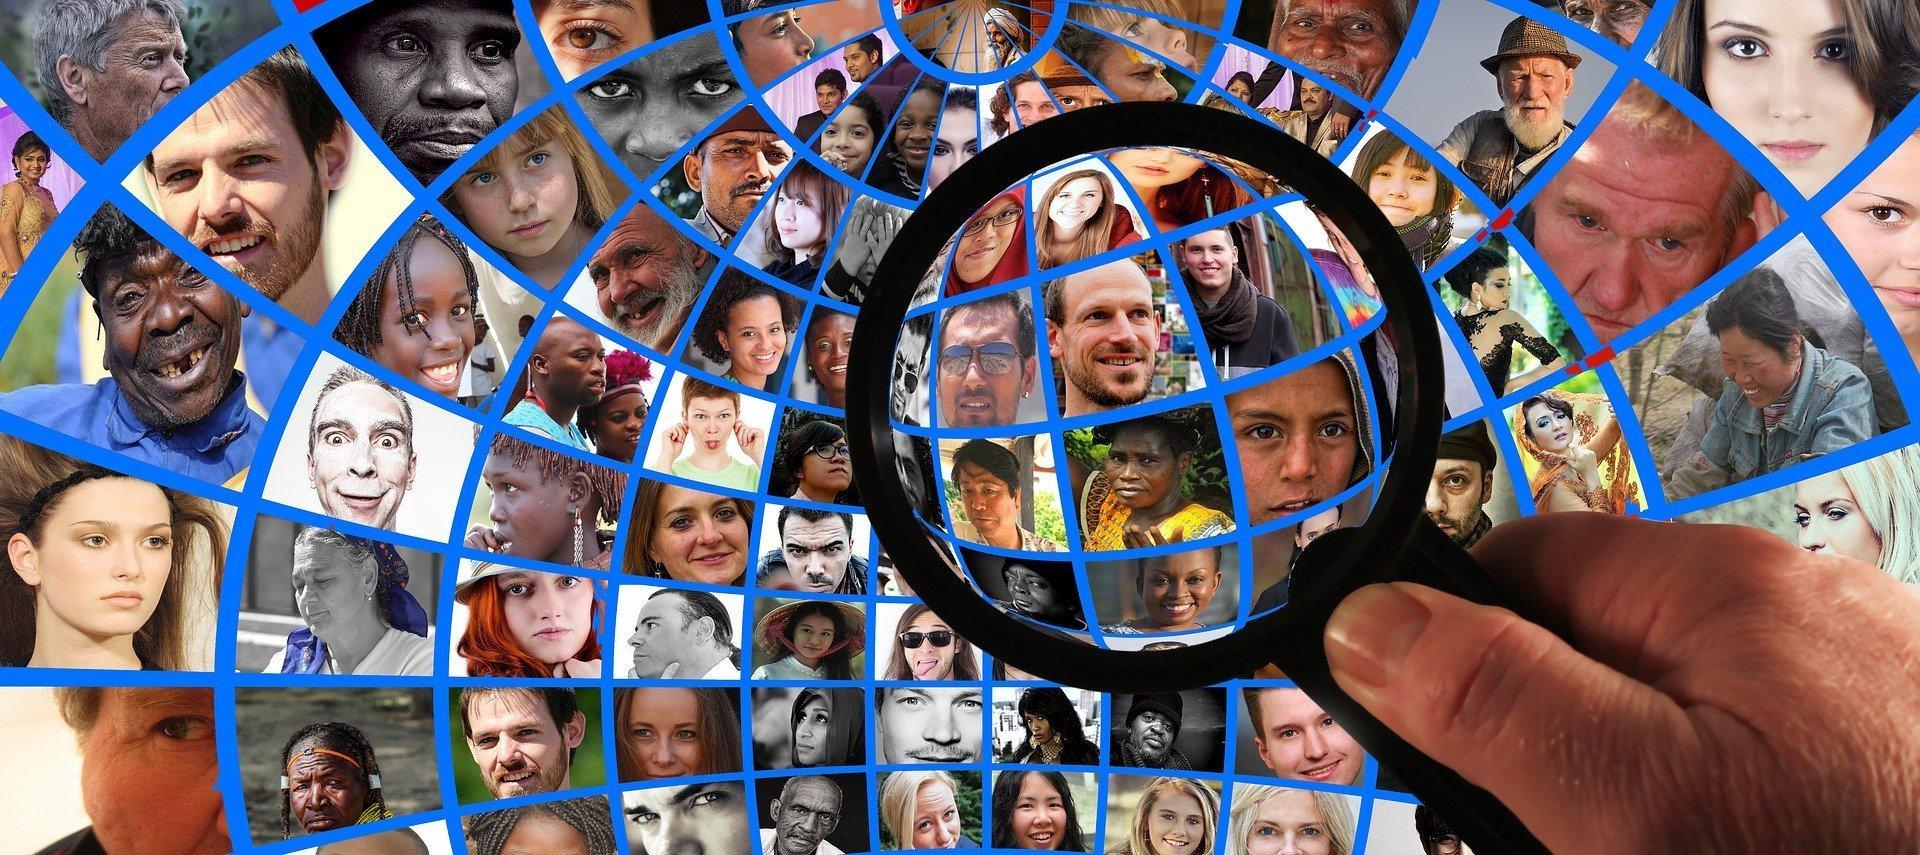 Questione di privacy: il caso Audacity e Whatsapp   Piano Social